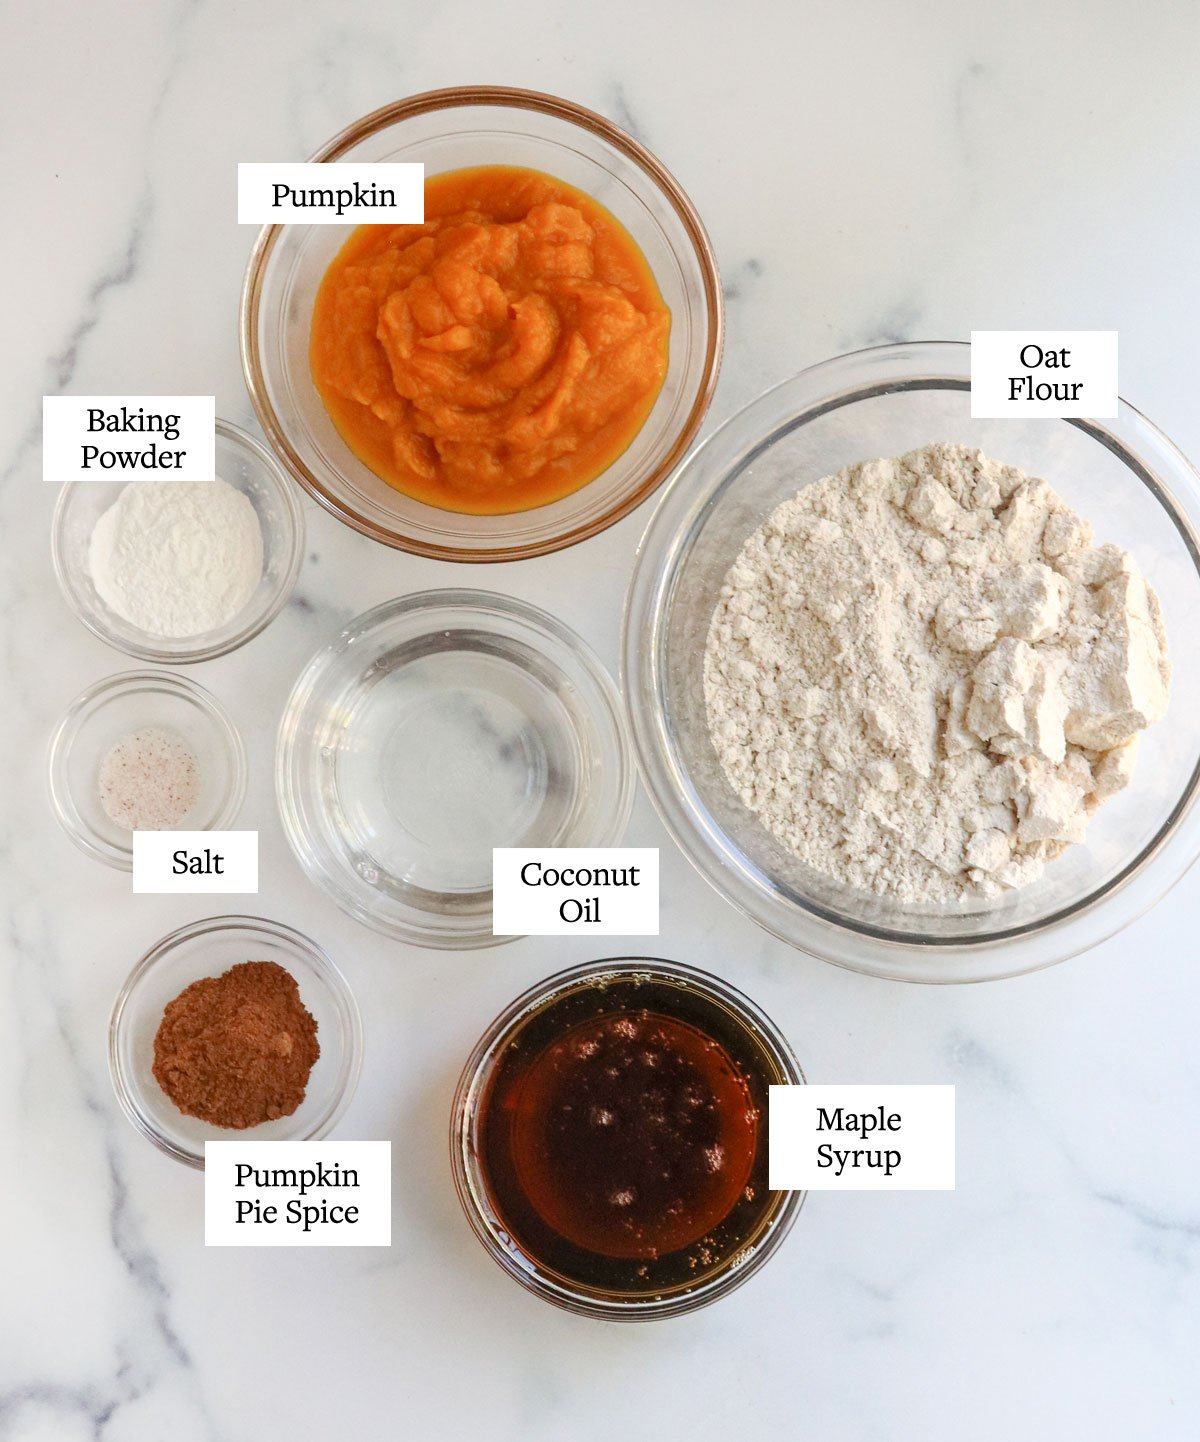 vegan pumpkin muffin ingredients in glass bowls